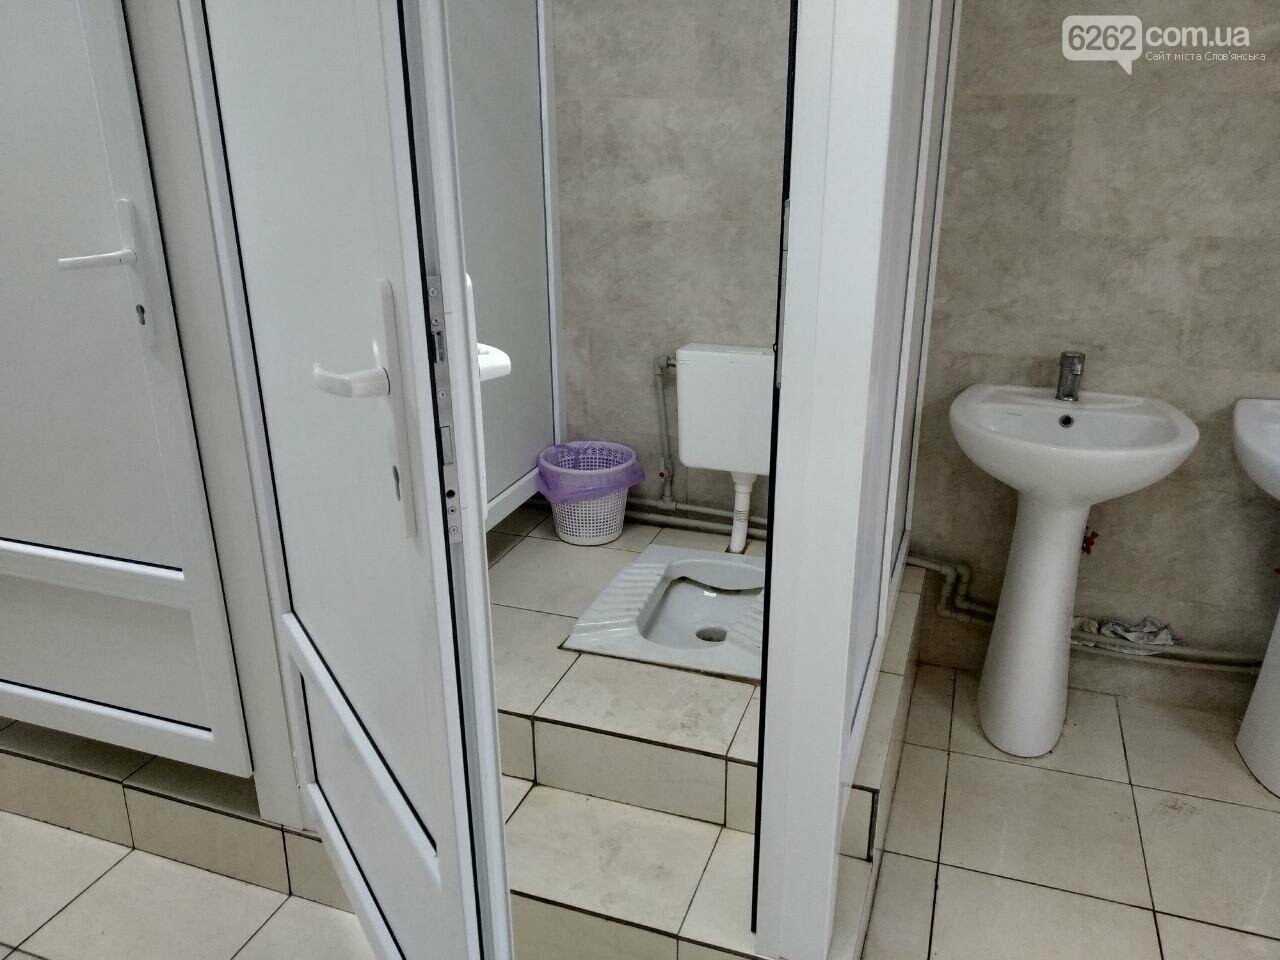 Відсутність замків на дверях та бруд. Що відбувається з туалетом за мільйон у парку Шовковичному, фото-4